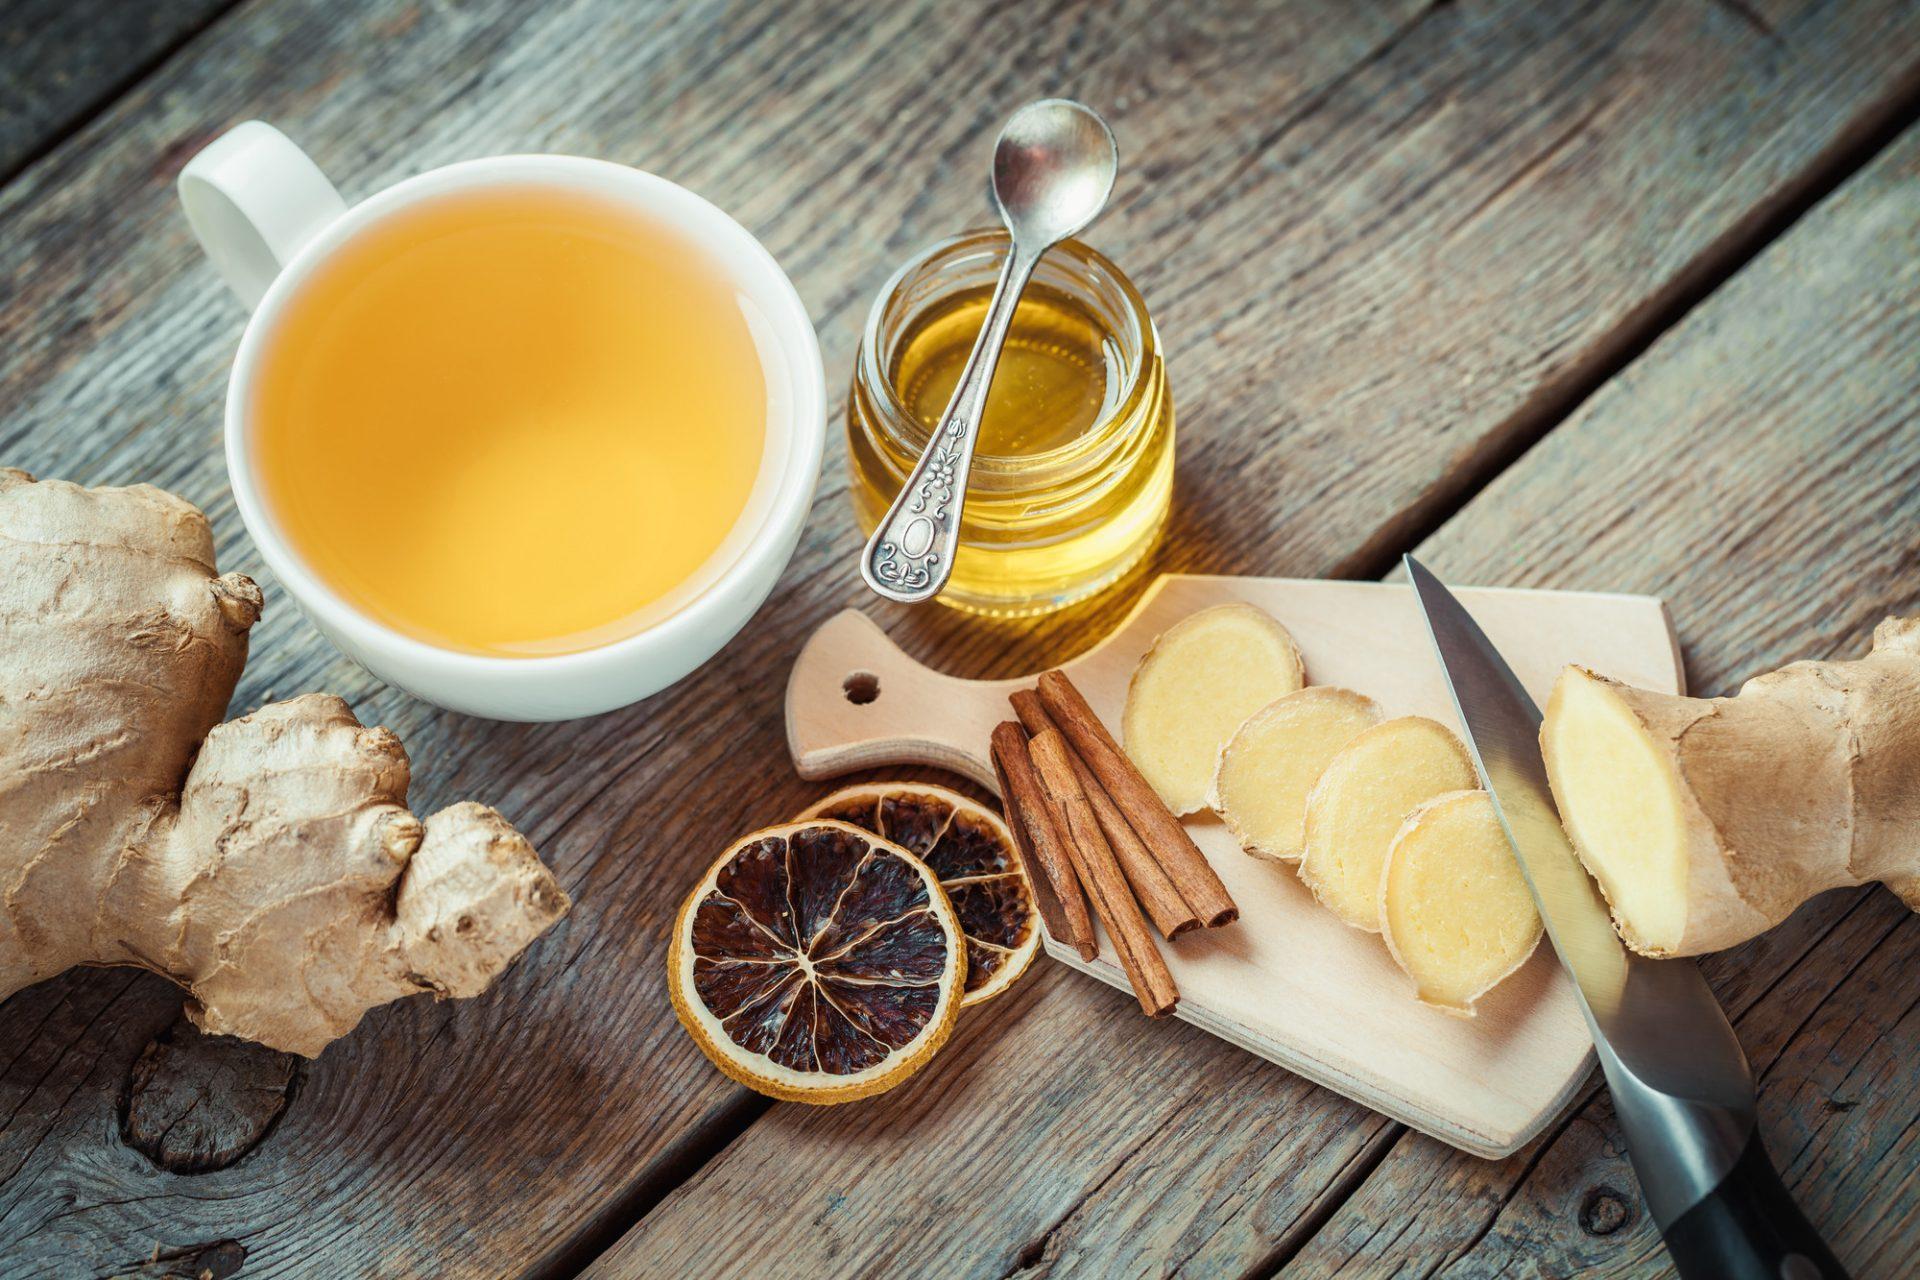 Gingembre sur une planche à découper, pot de miel, tasse à thé sur la table de la cuisine. Vue de dessus.